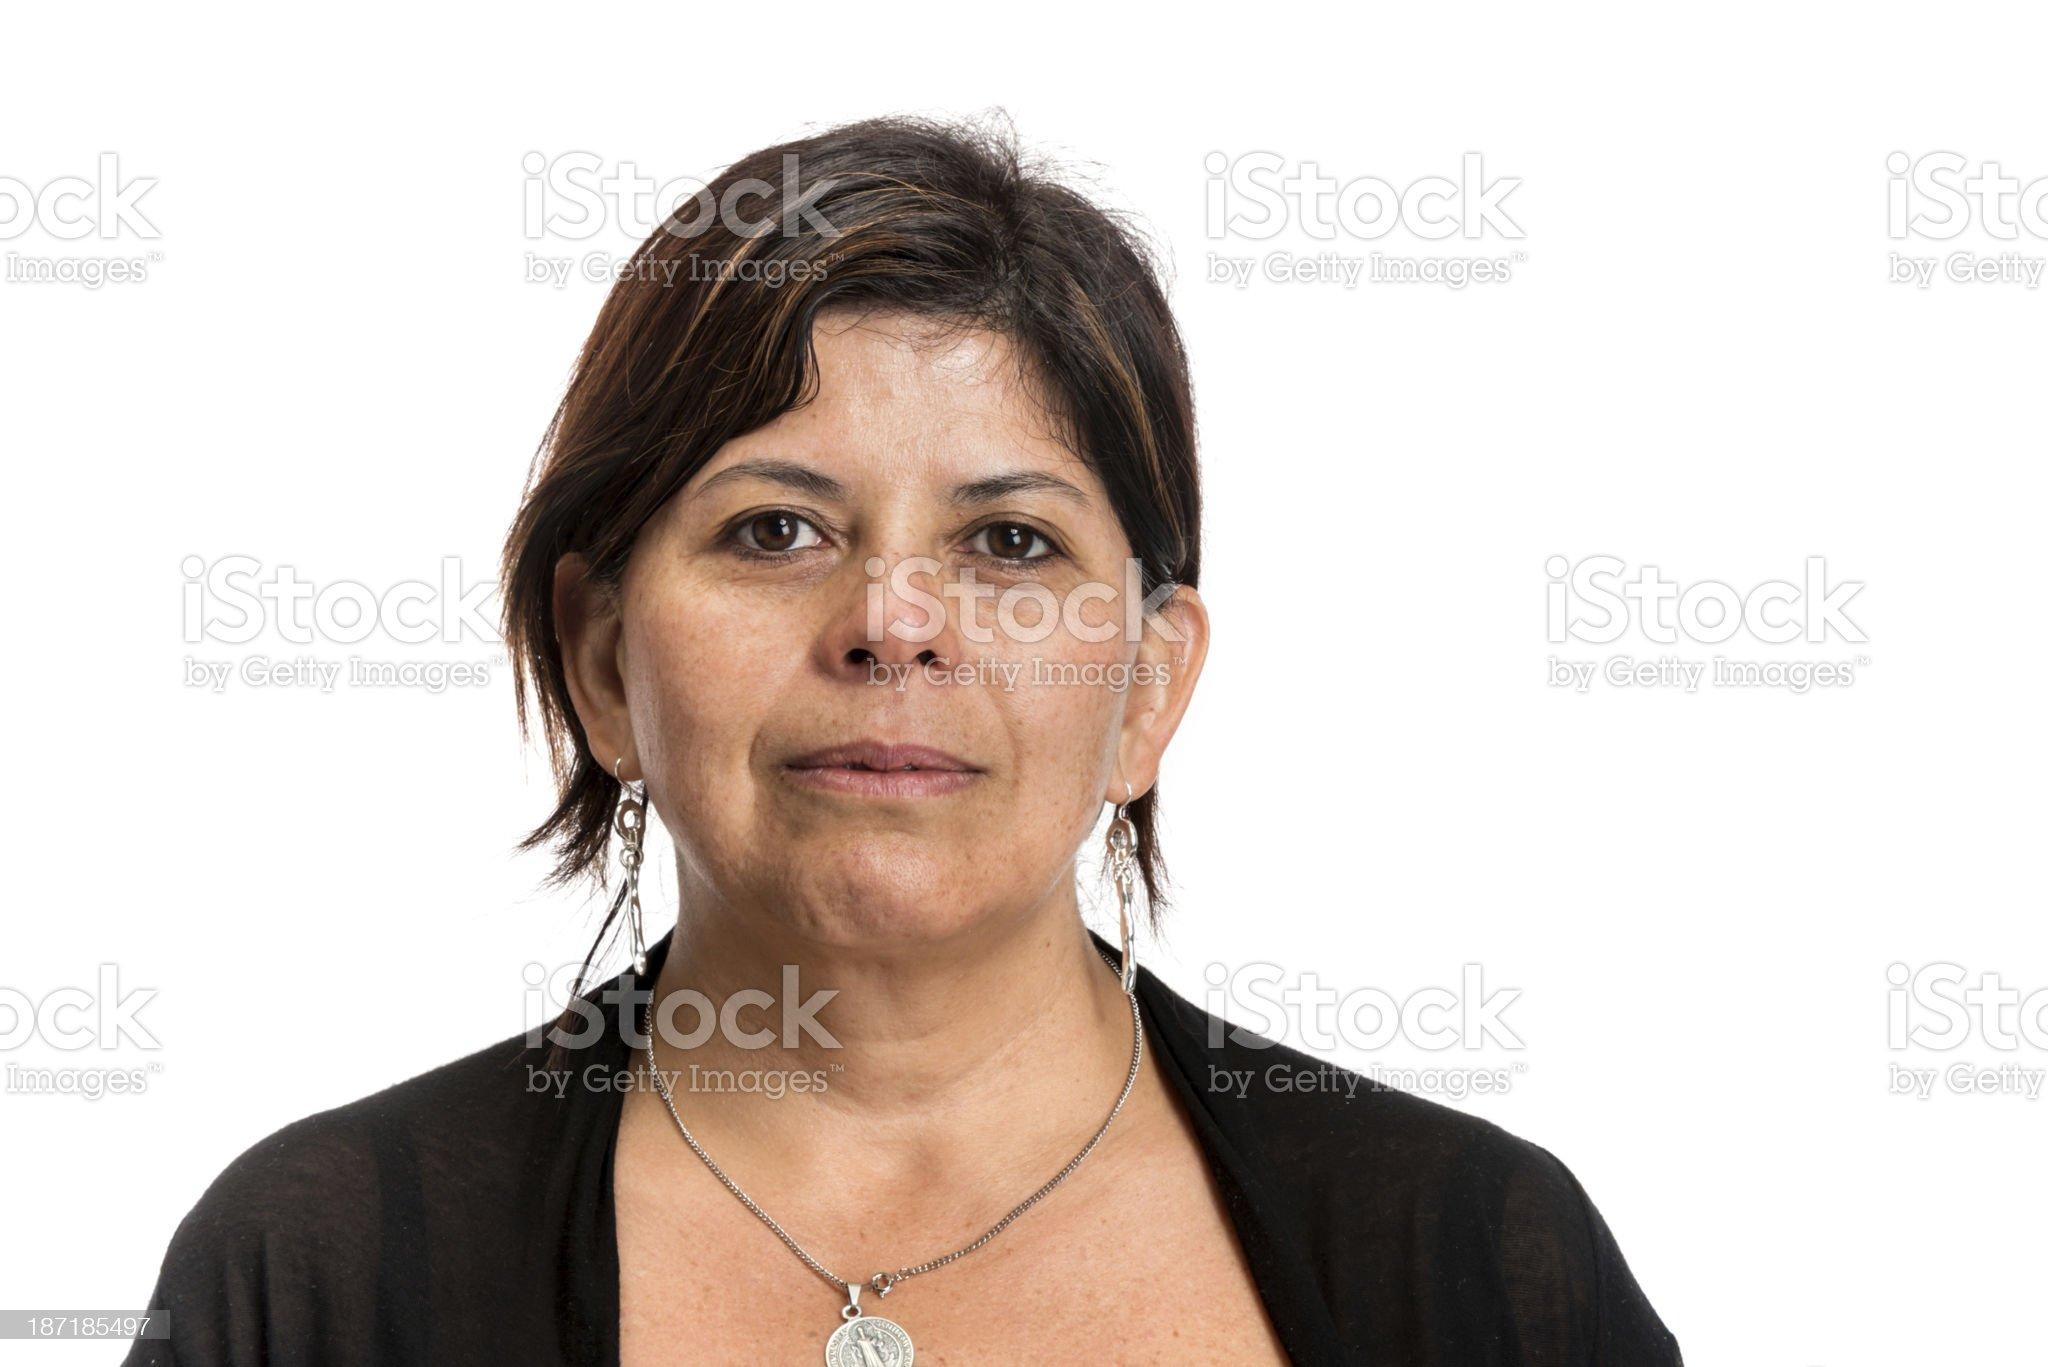 Mature hispanic woman royalty-free stock photo